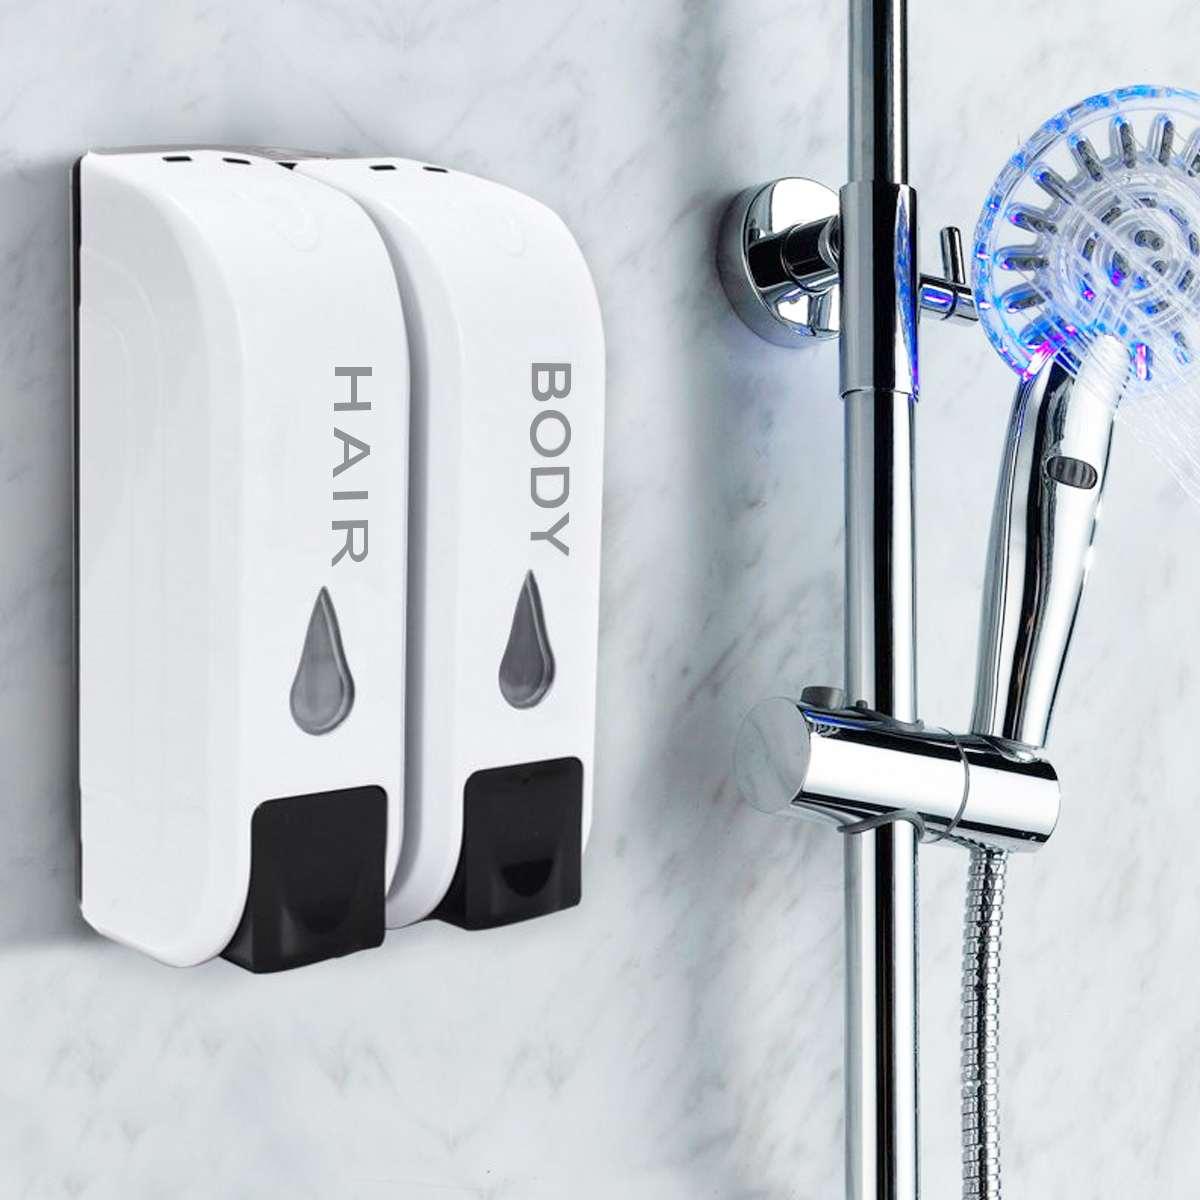 2x350 ml Wand Montiert Bad Dusche Körper Haar Shampoo Lotion Dispenser Behälter Flasche Doppel Flüssigkeit Seife Dispenser Startseite hotel